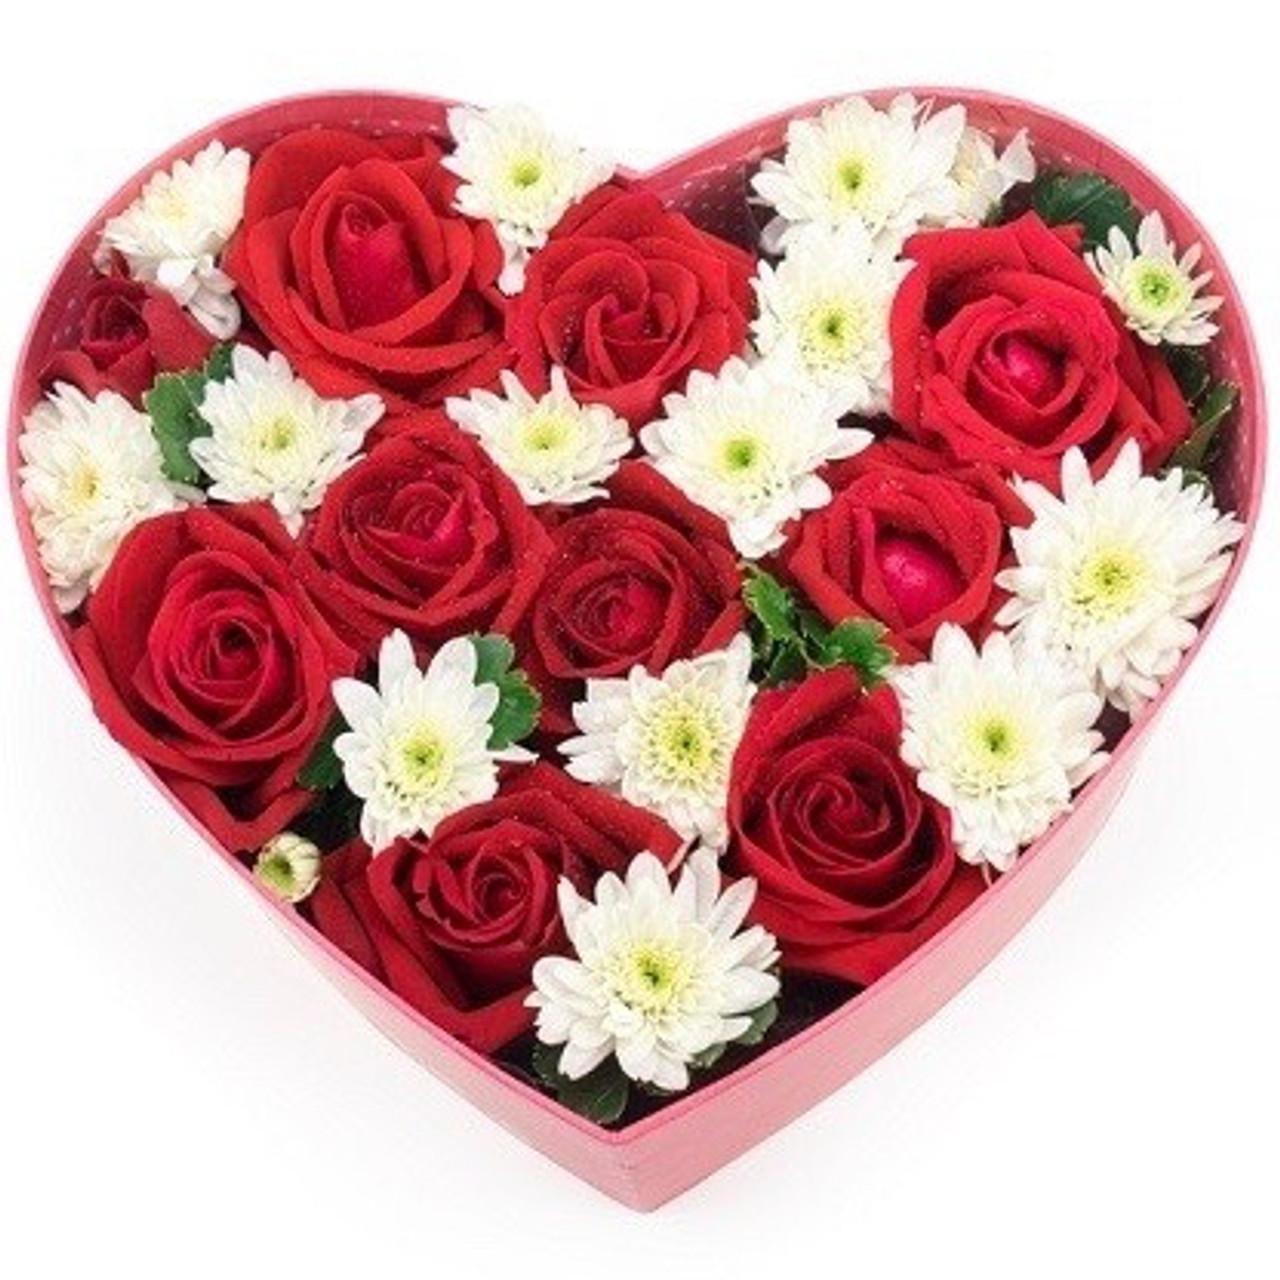 Dozen Red Roses & White Mums Heart Box